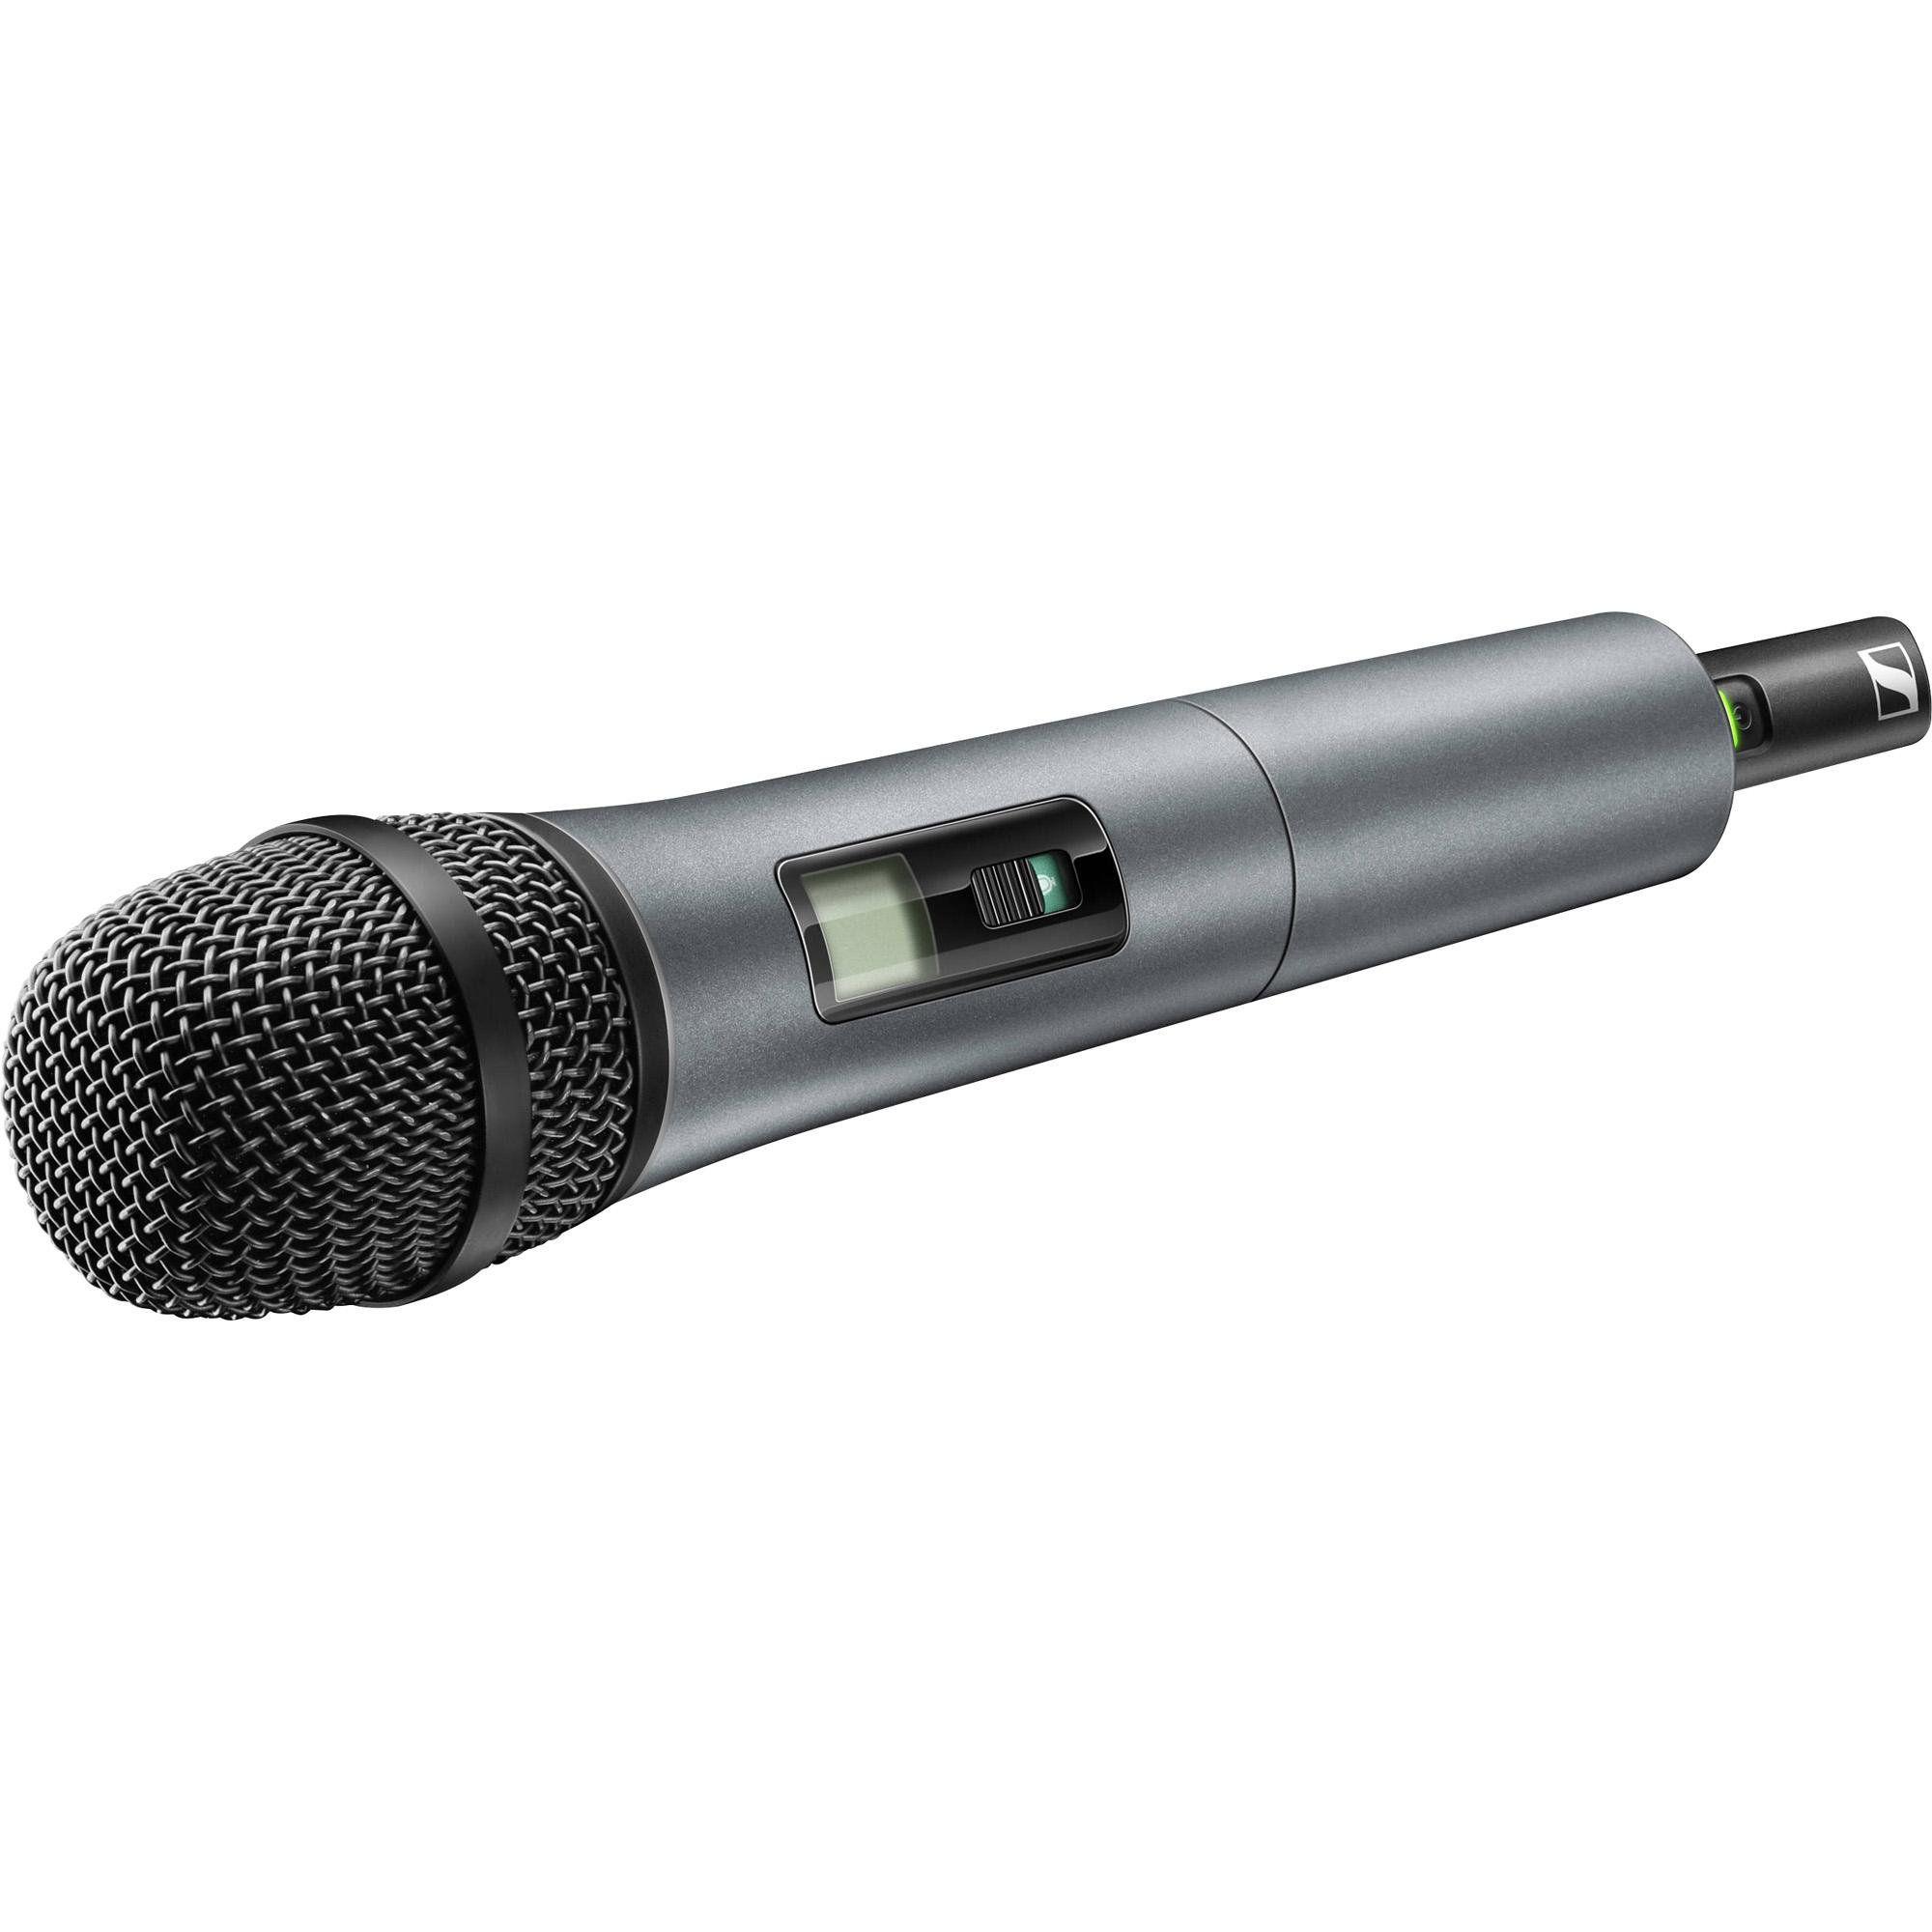 Microfone Duplo sem Fio XSW1825DU Sennheiser